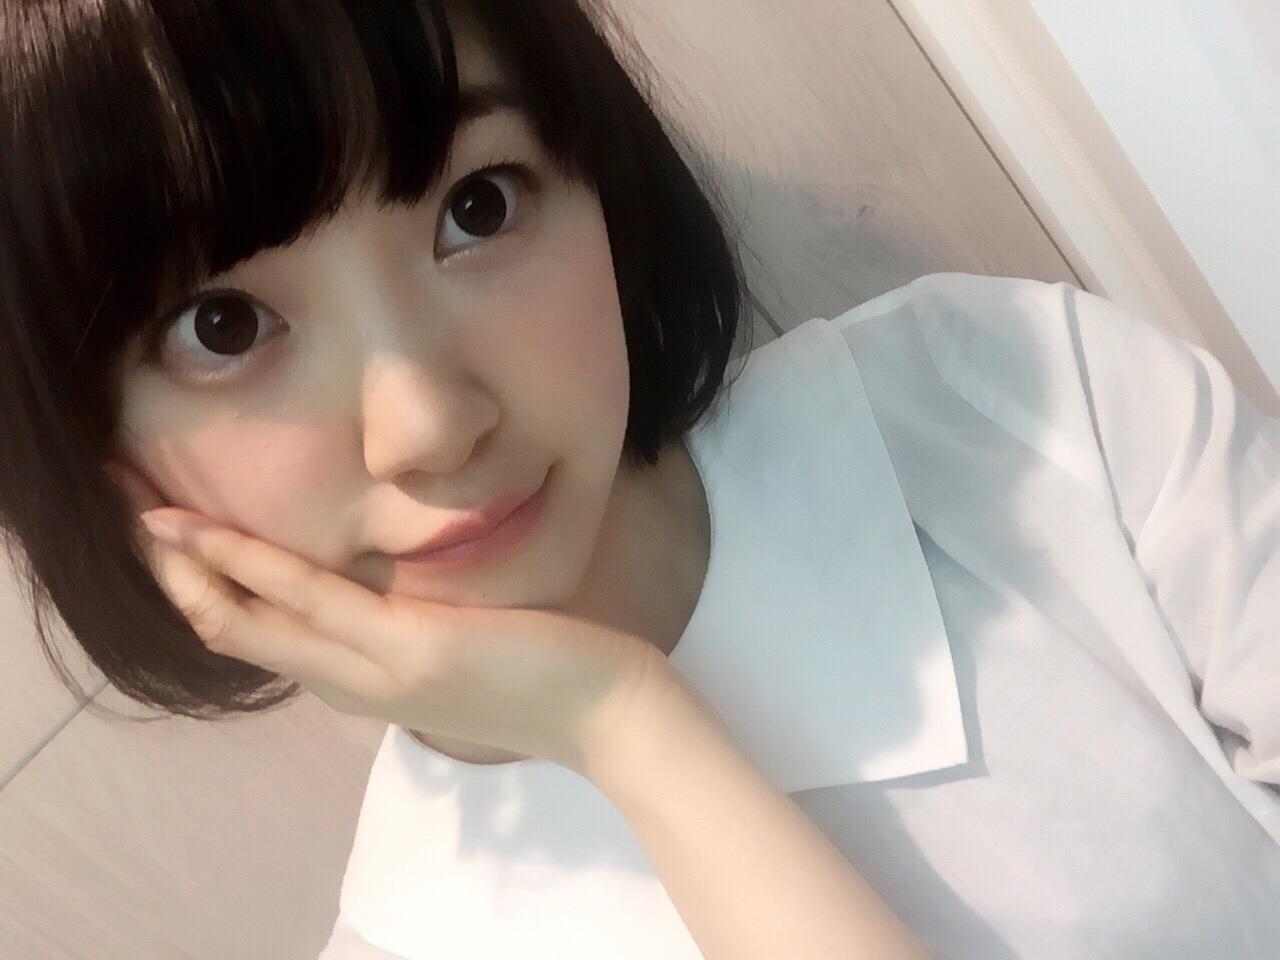 乃木坂46 堀未央奈 髪を切るショートボブ (7)